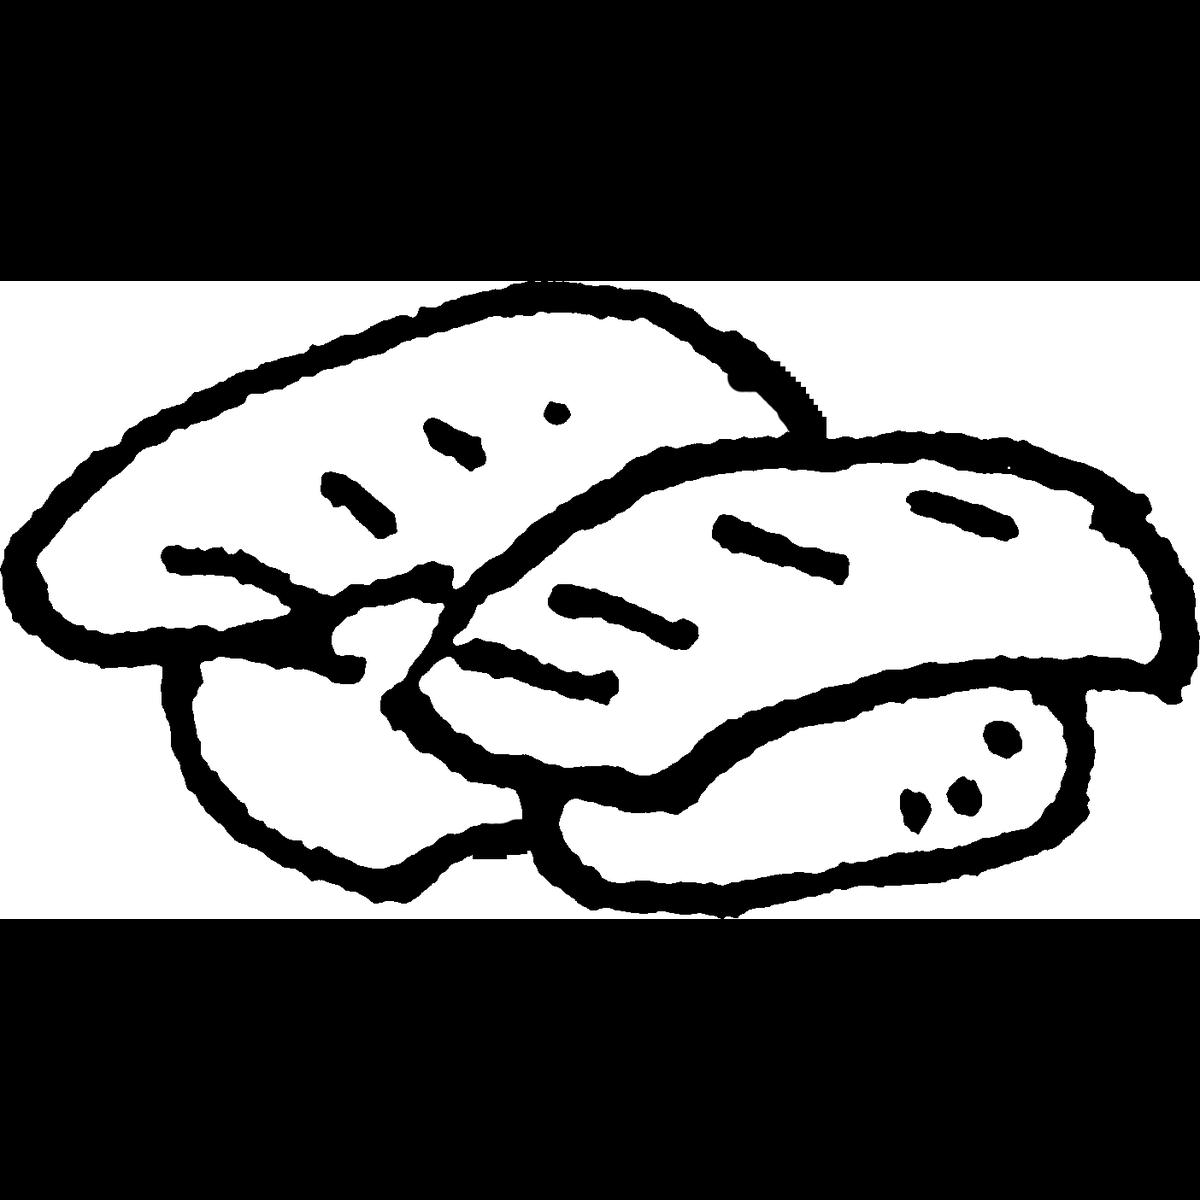 寿司 にぎり 2個のイラスト Sushi Illust